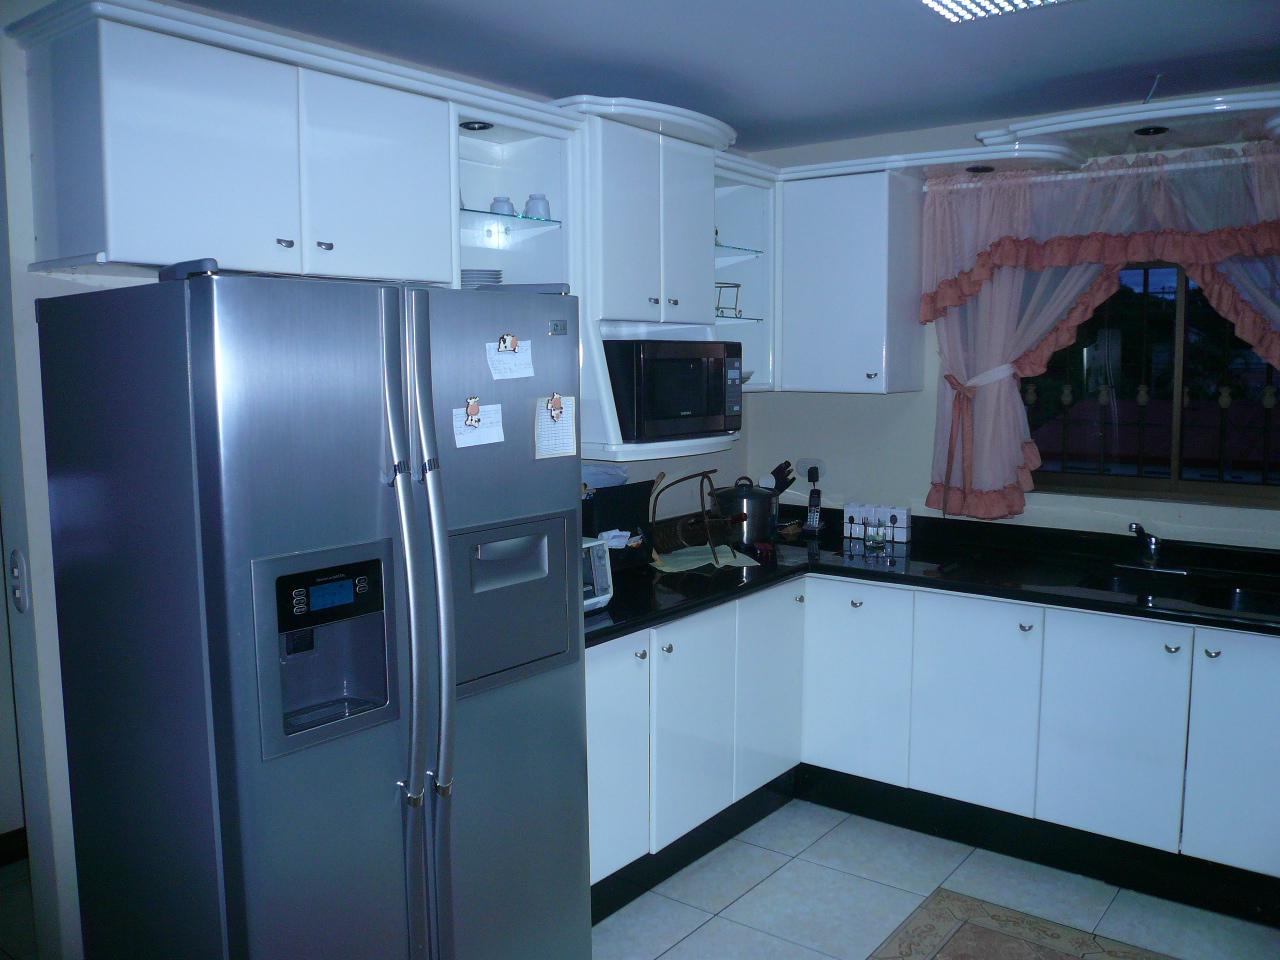 Muebles de Cocina y sobres de Granito Obregón - Google+